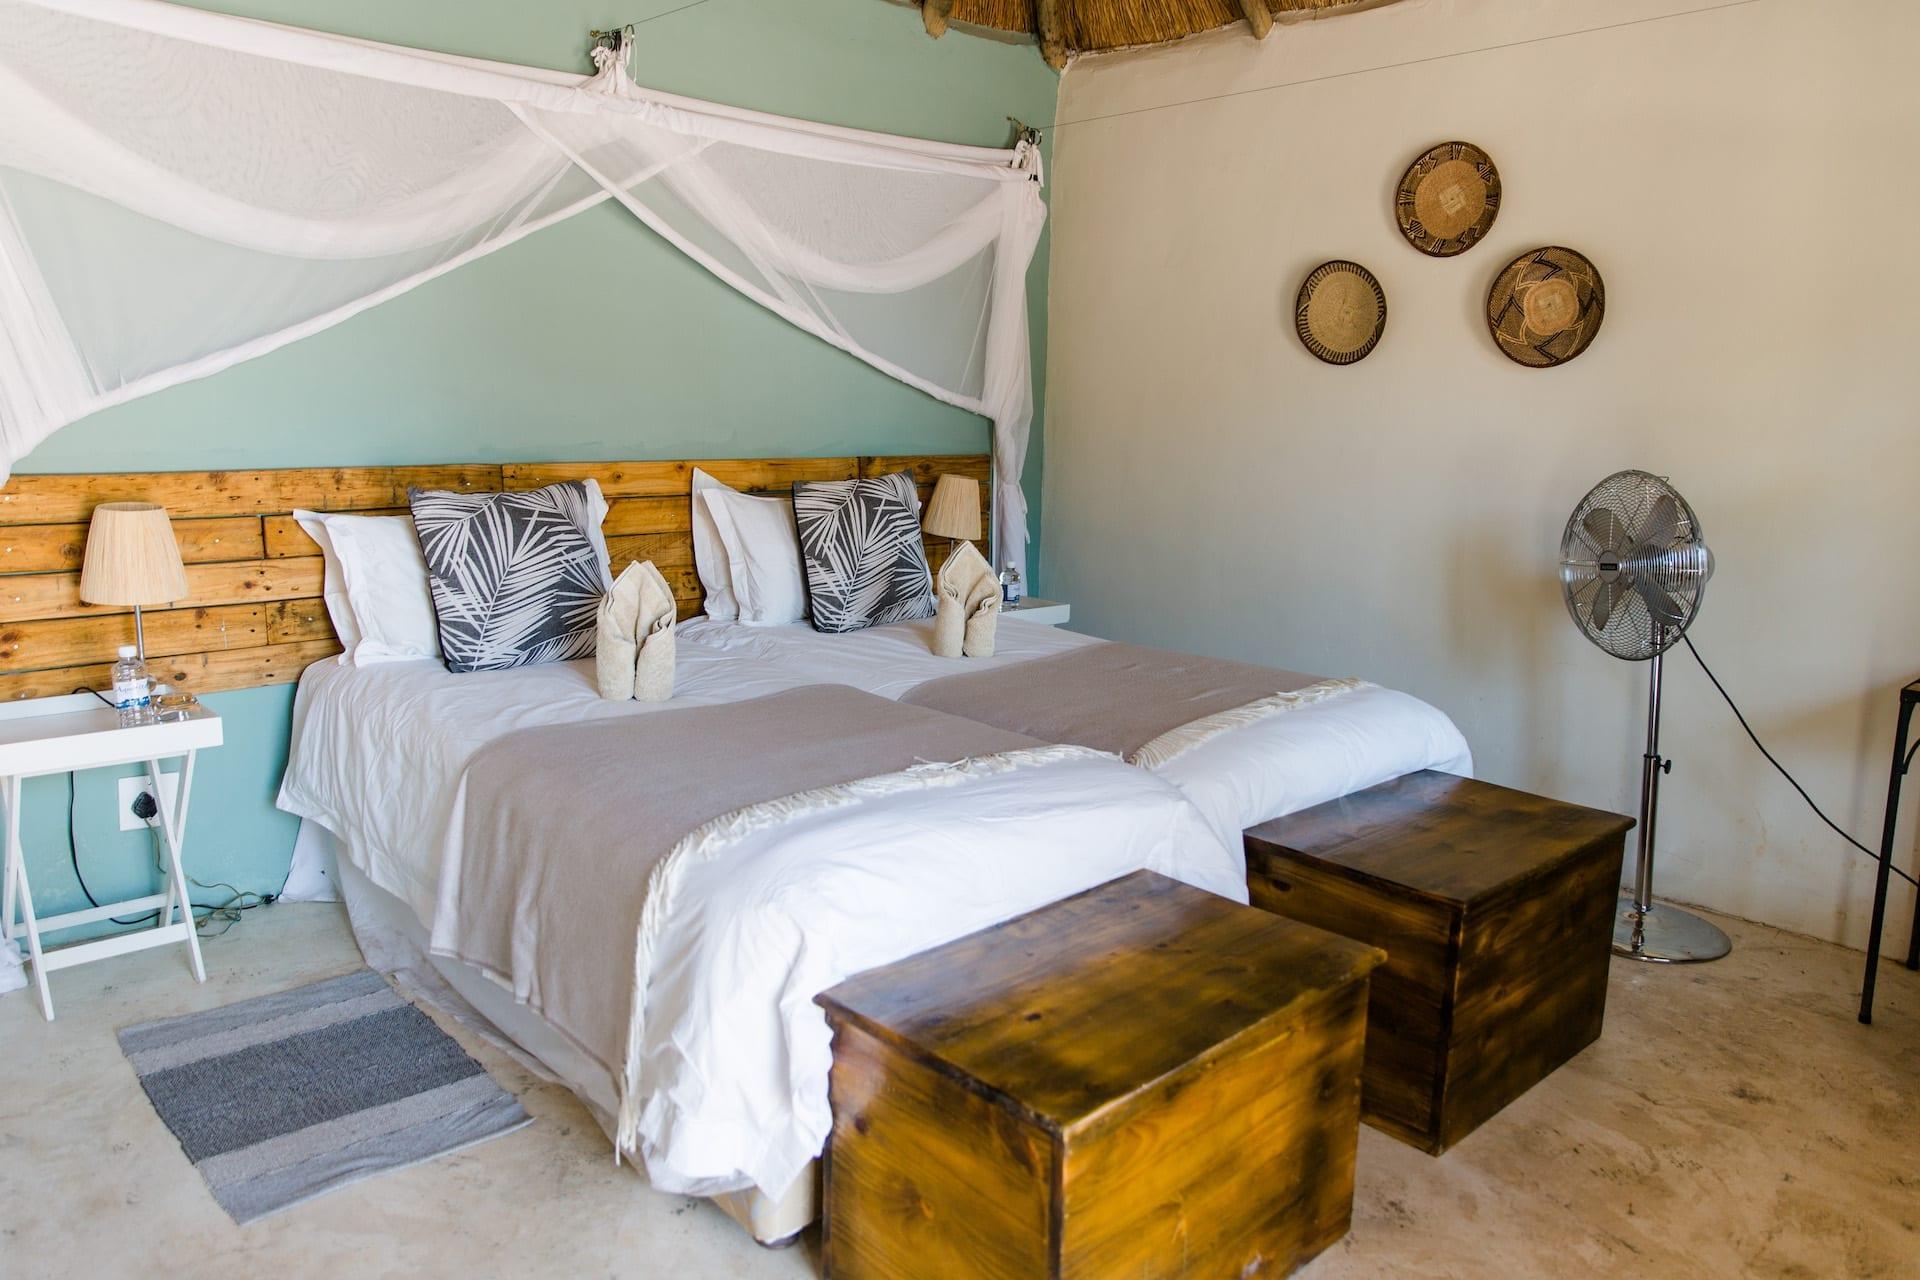 ALGEMEEN - Bushways - Khwai guesthouse - KN2B0057-2- BW6